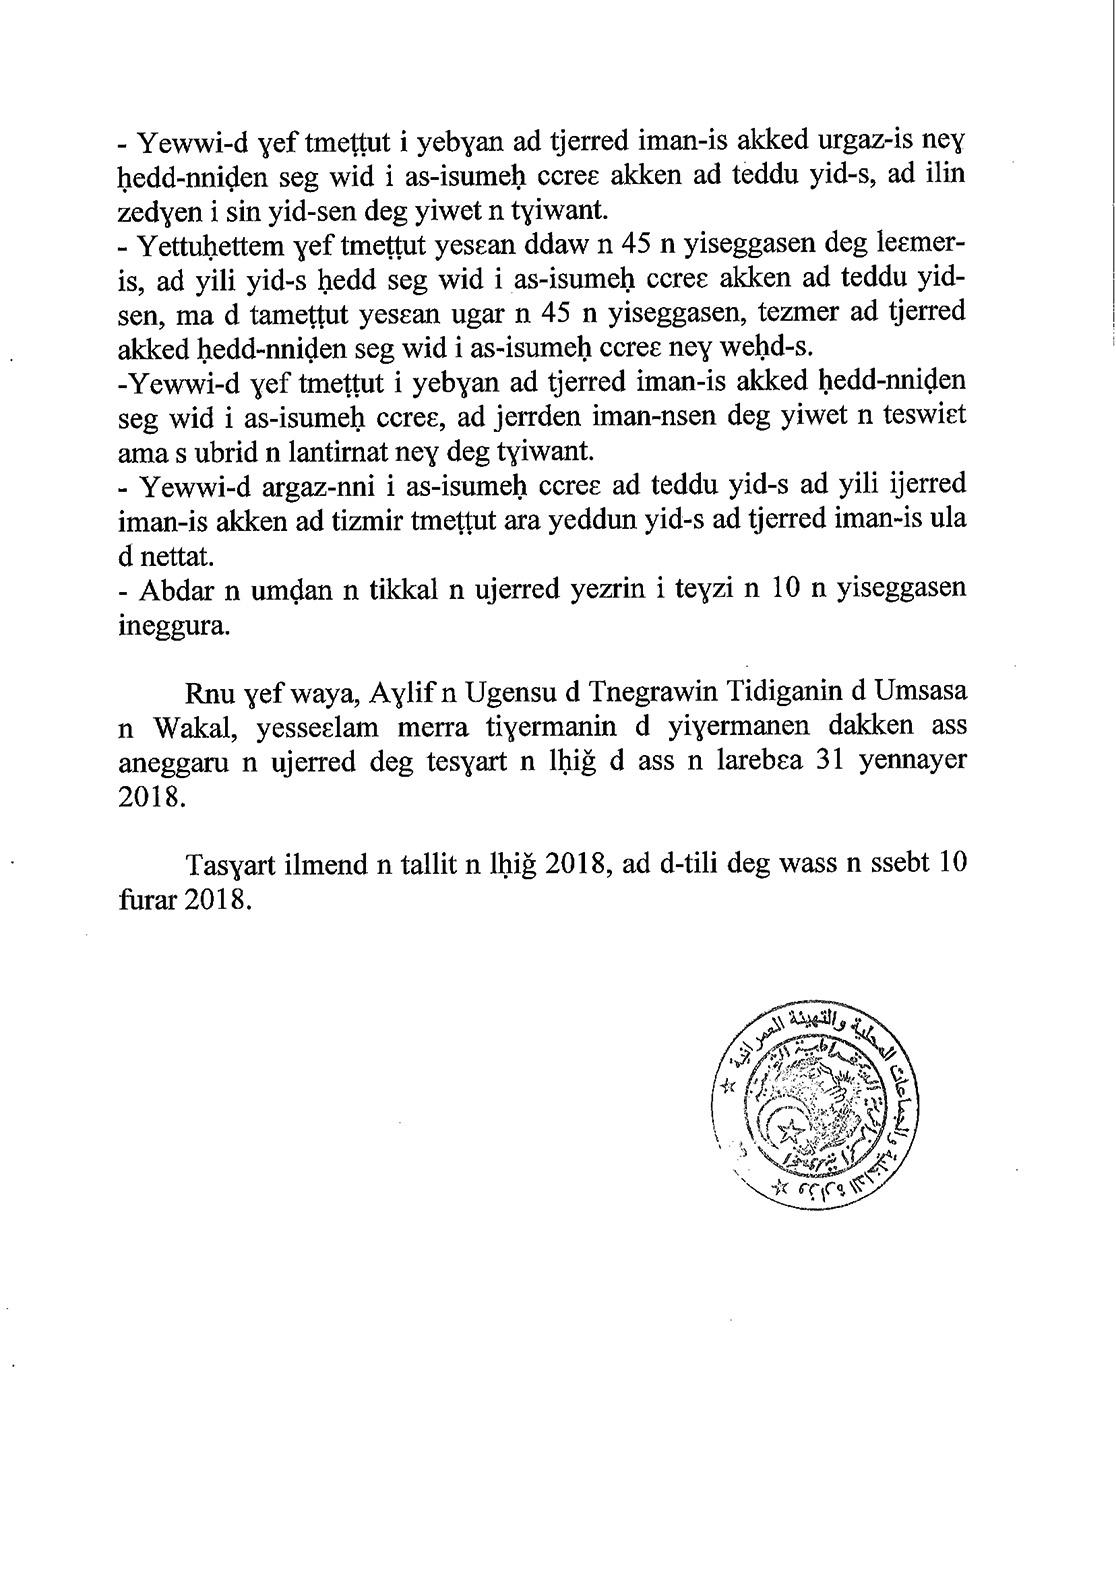 Le premier communiqu officiel en tamazight toute l for Interieur gov dz hadj 2018